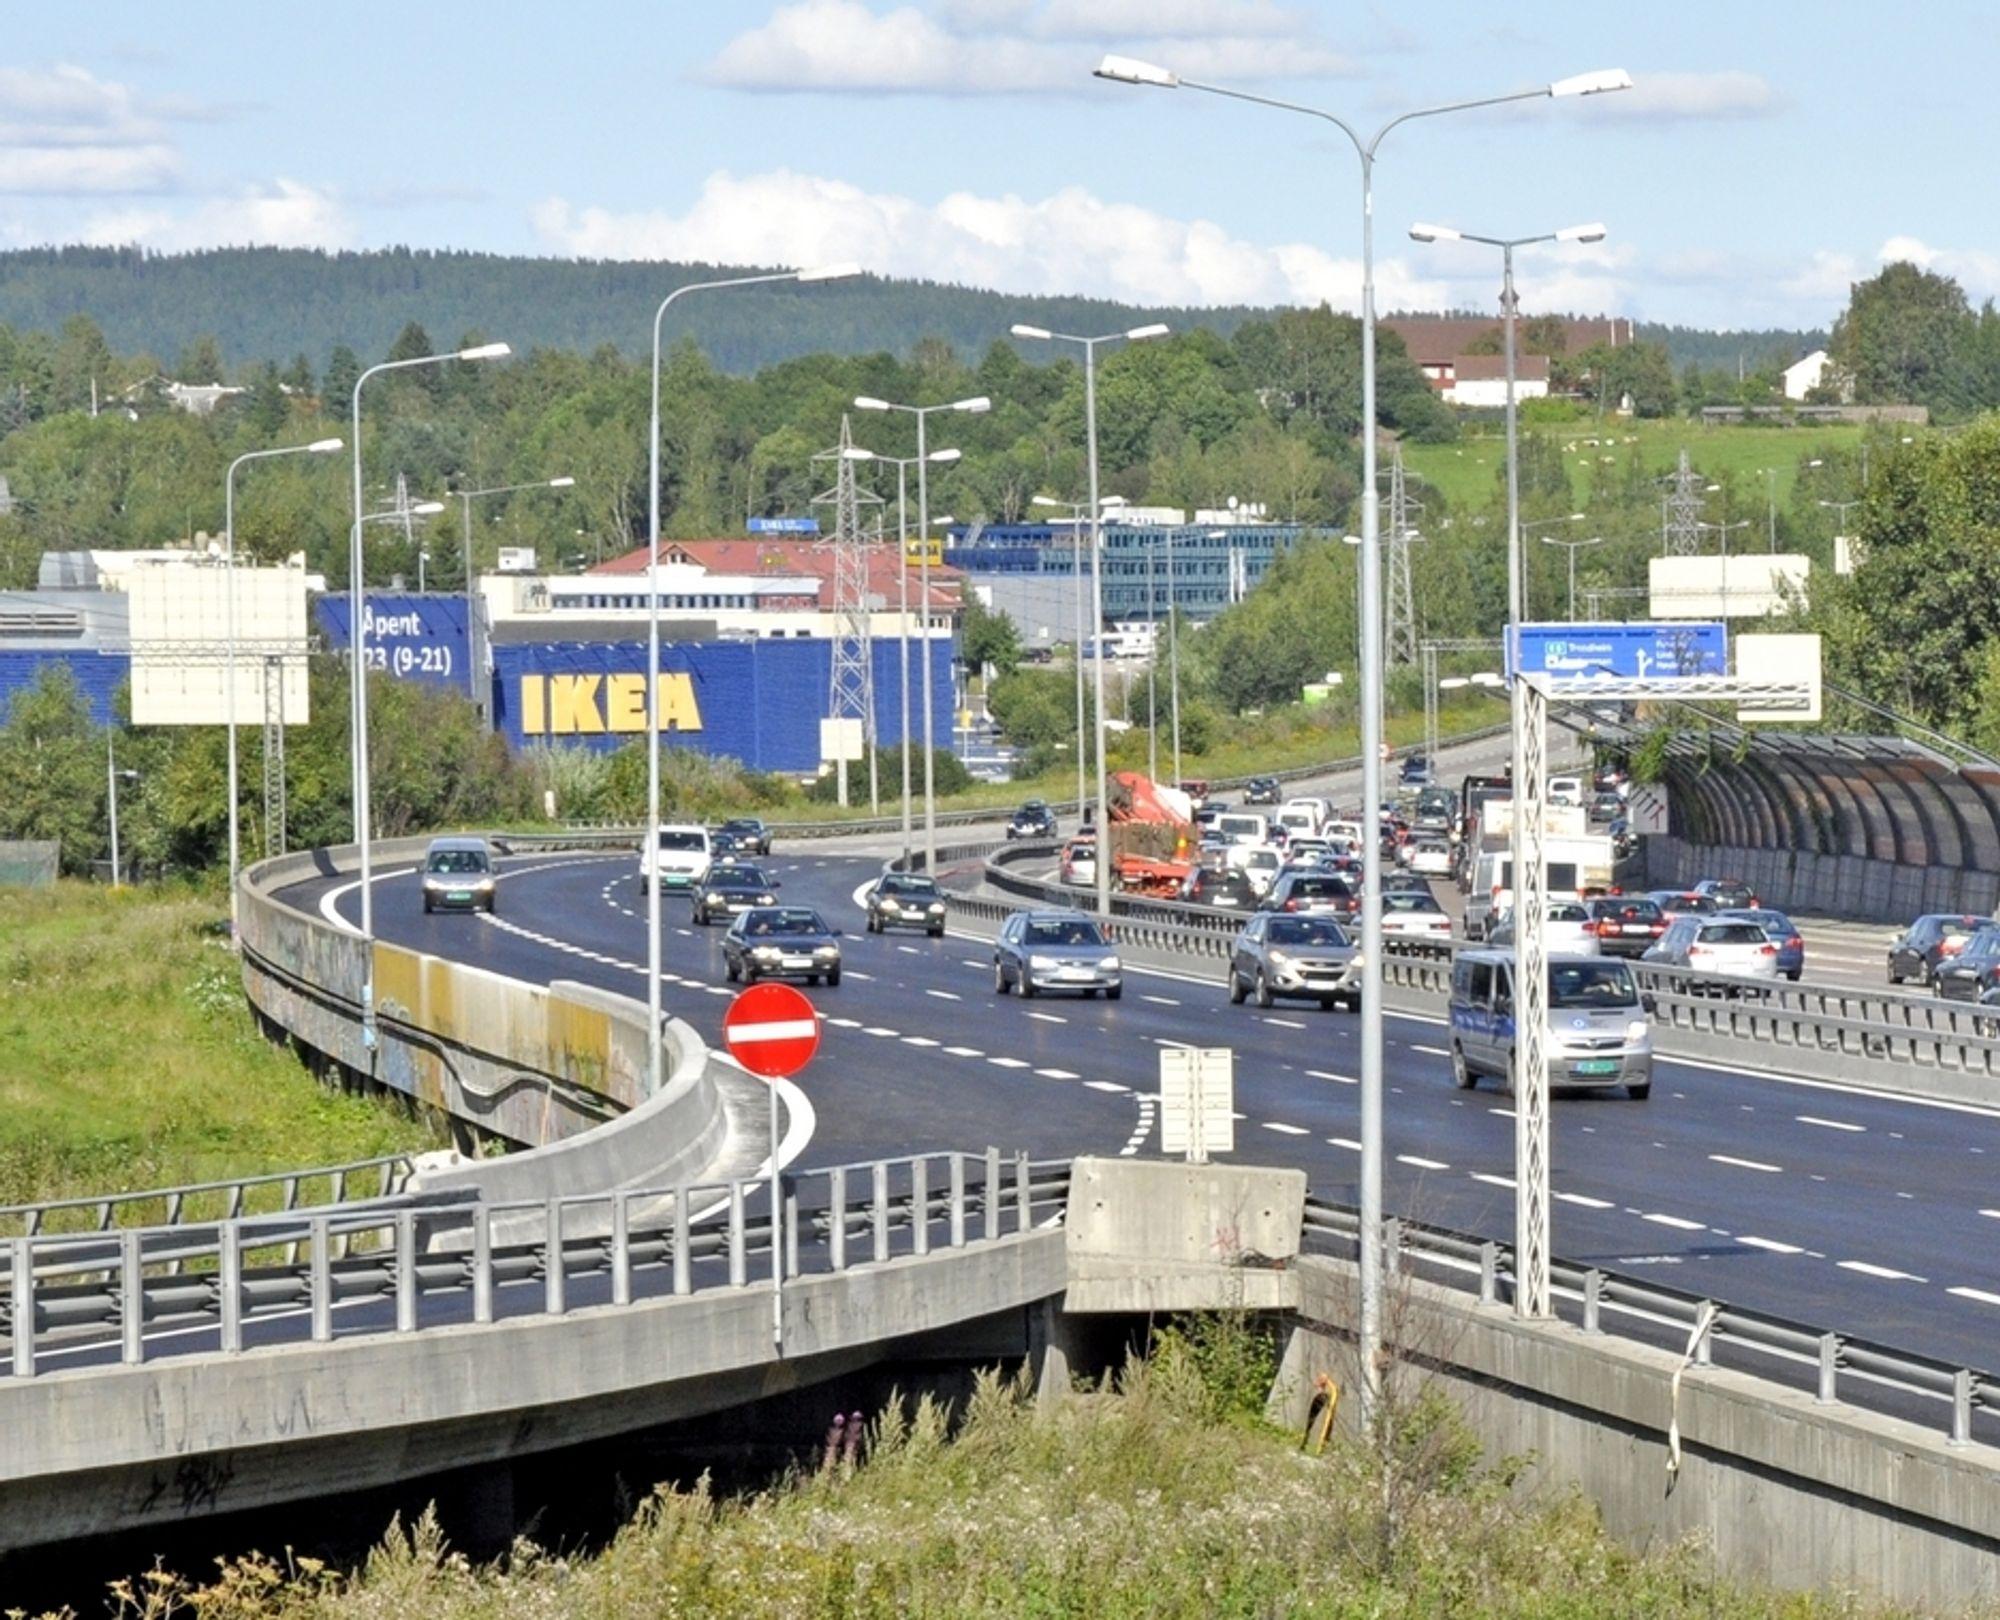 Trafikken på E 6 går som normalt igjen etter at vestgående løp på Stubberudmyra bru ble gjenåpnet. Man må se godt etter for å oppdage at E 6 går over en bru her.